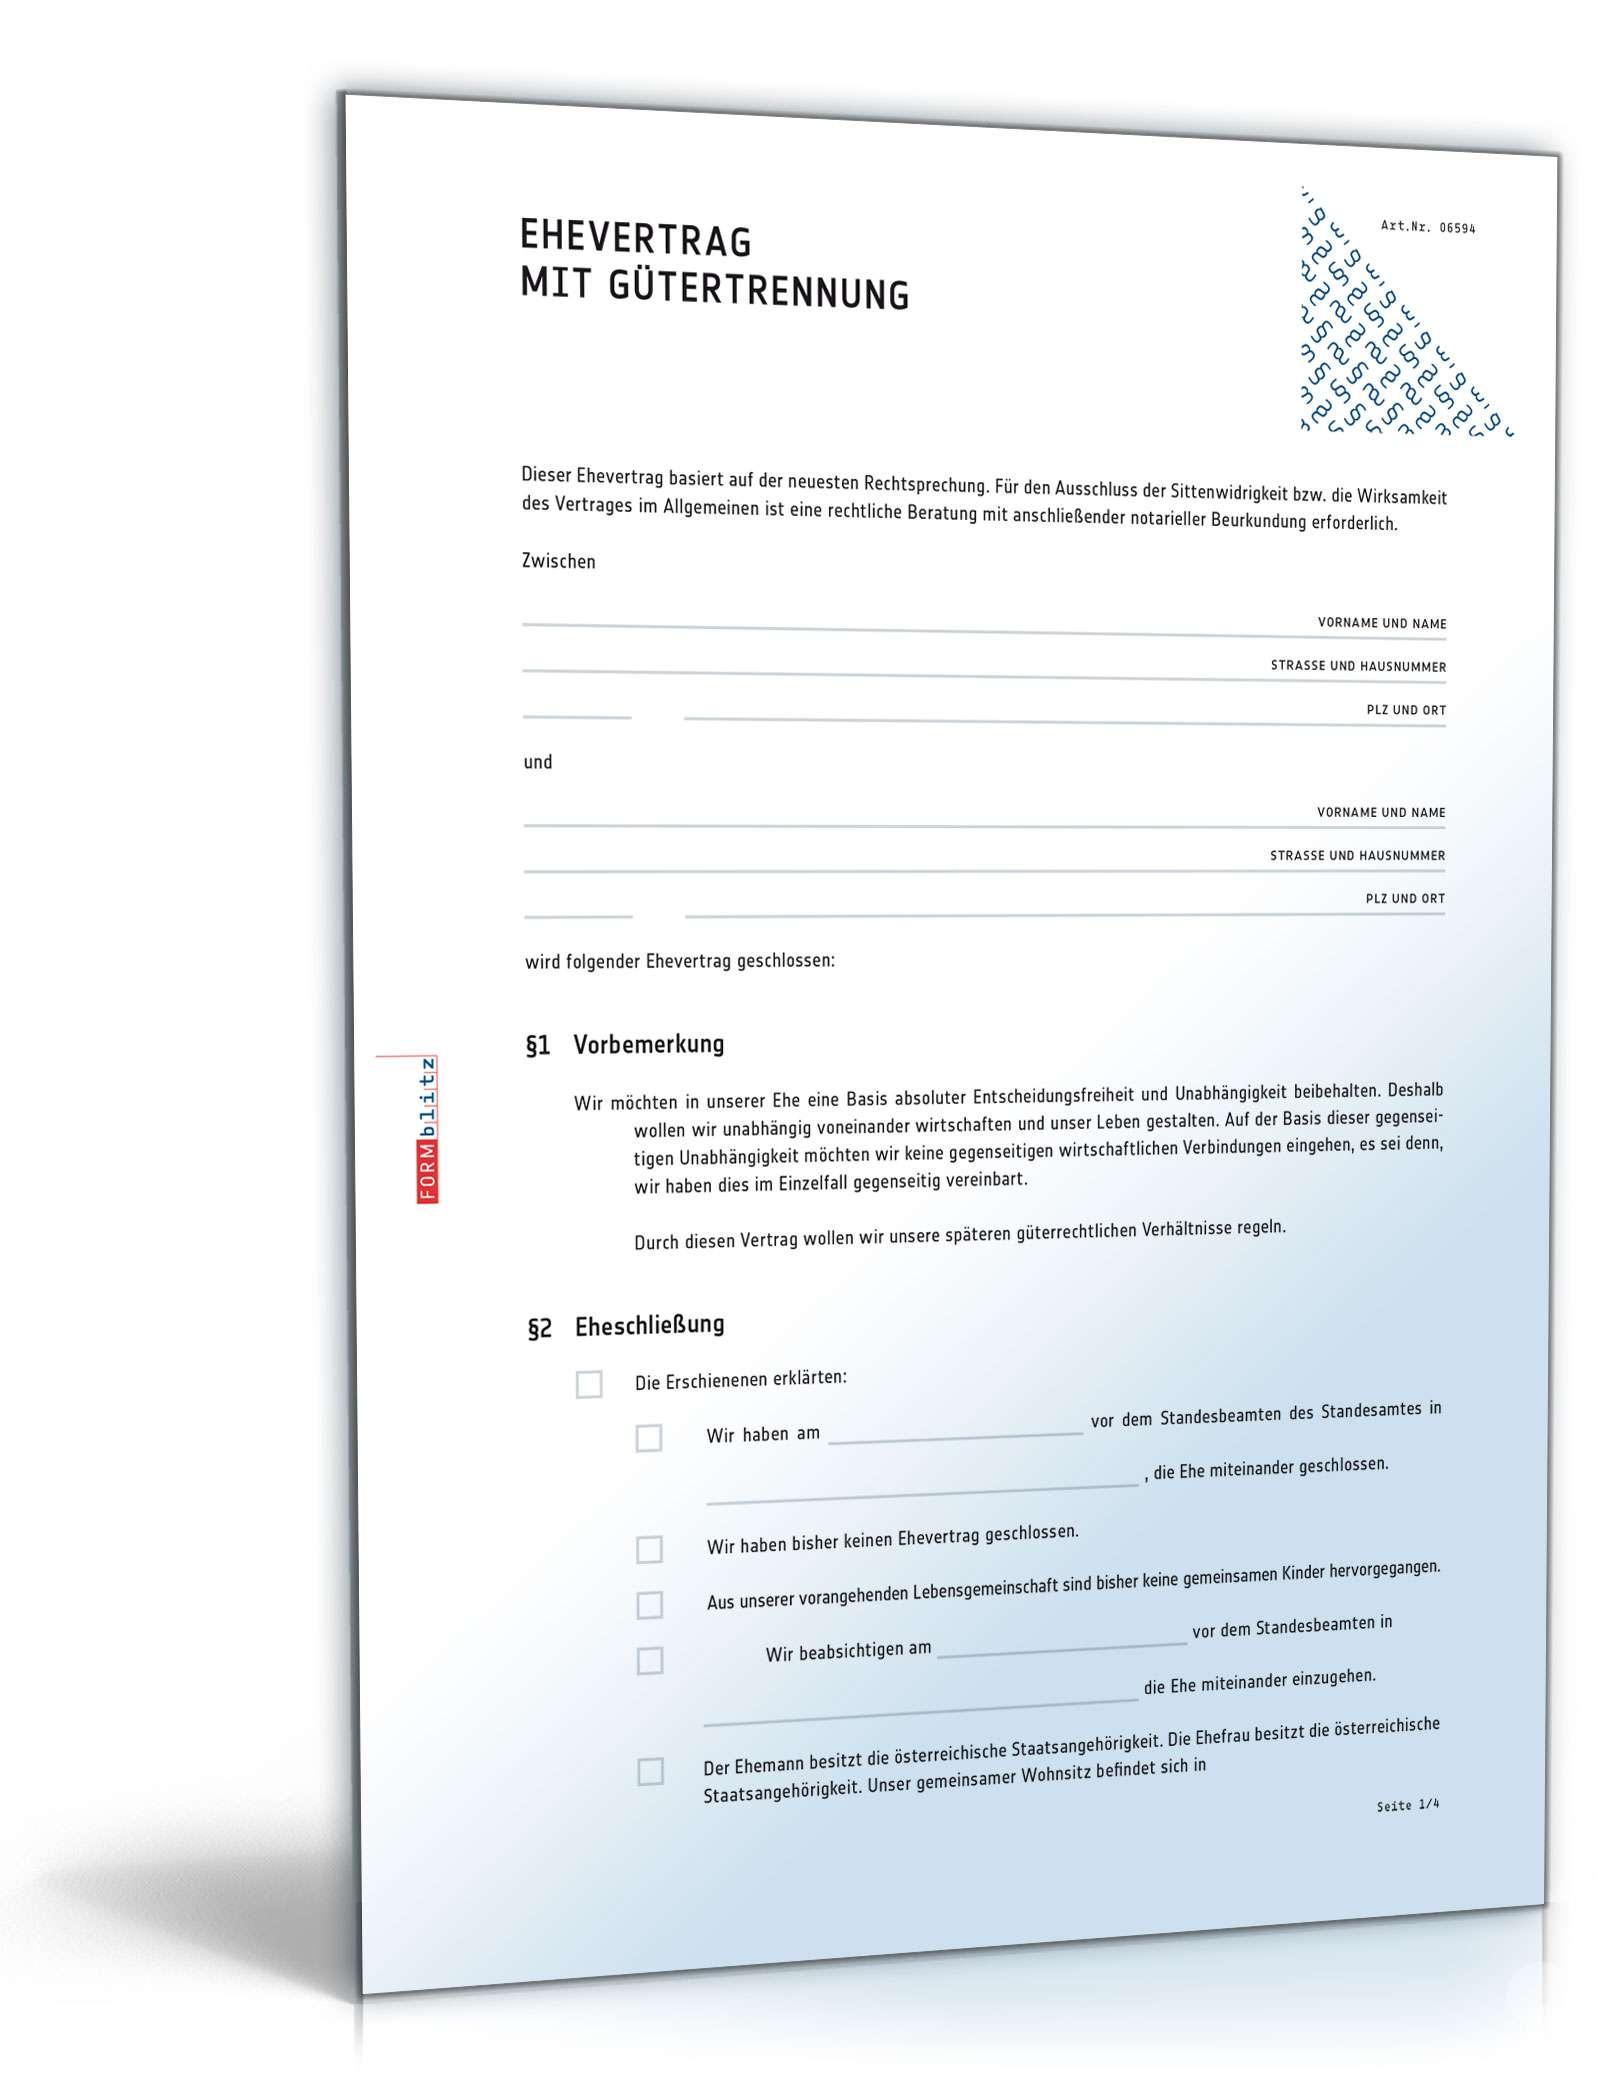 ehevertrag mit gtertrennung muster vorlage zum download - Gutertrennung Muster